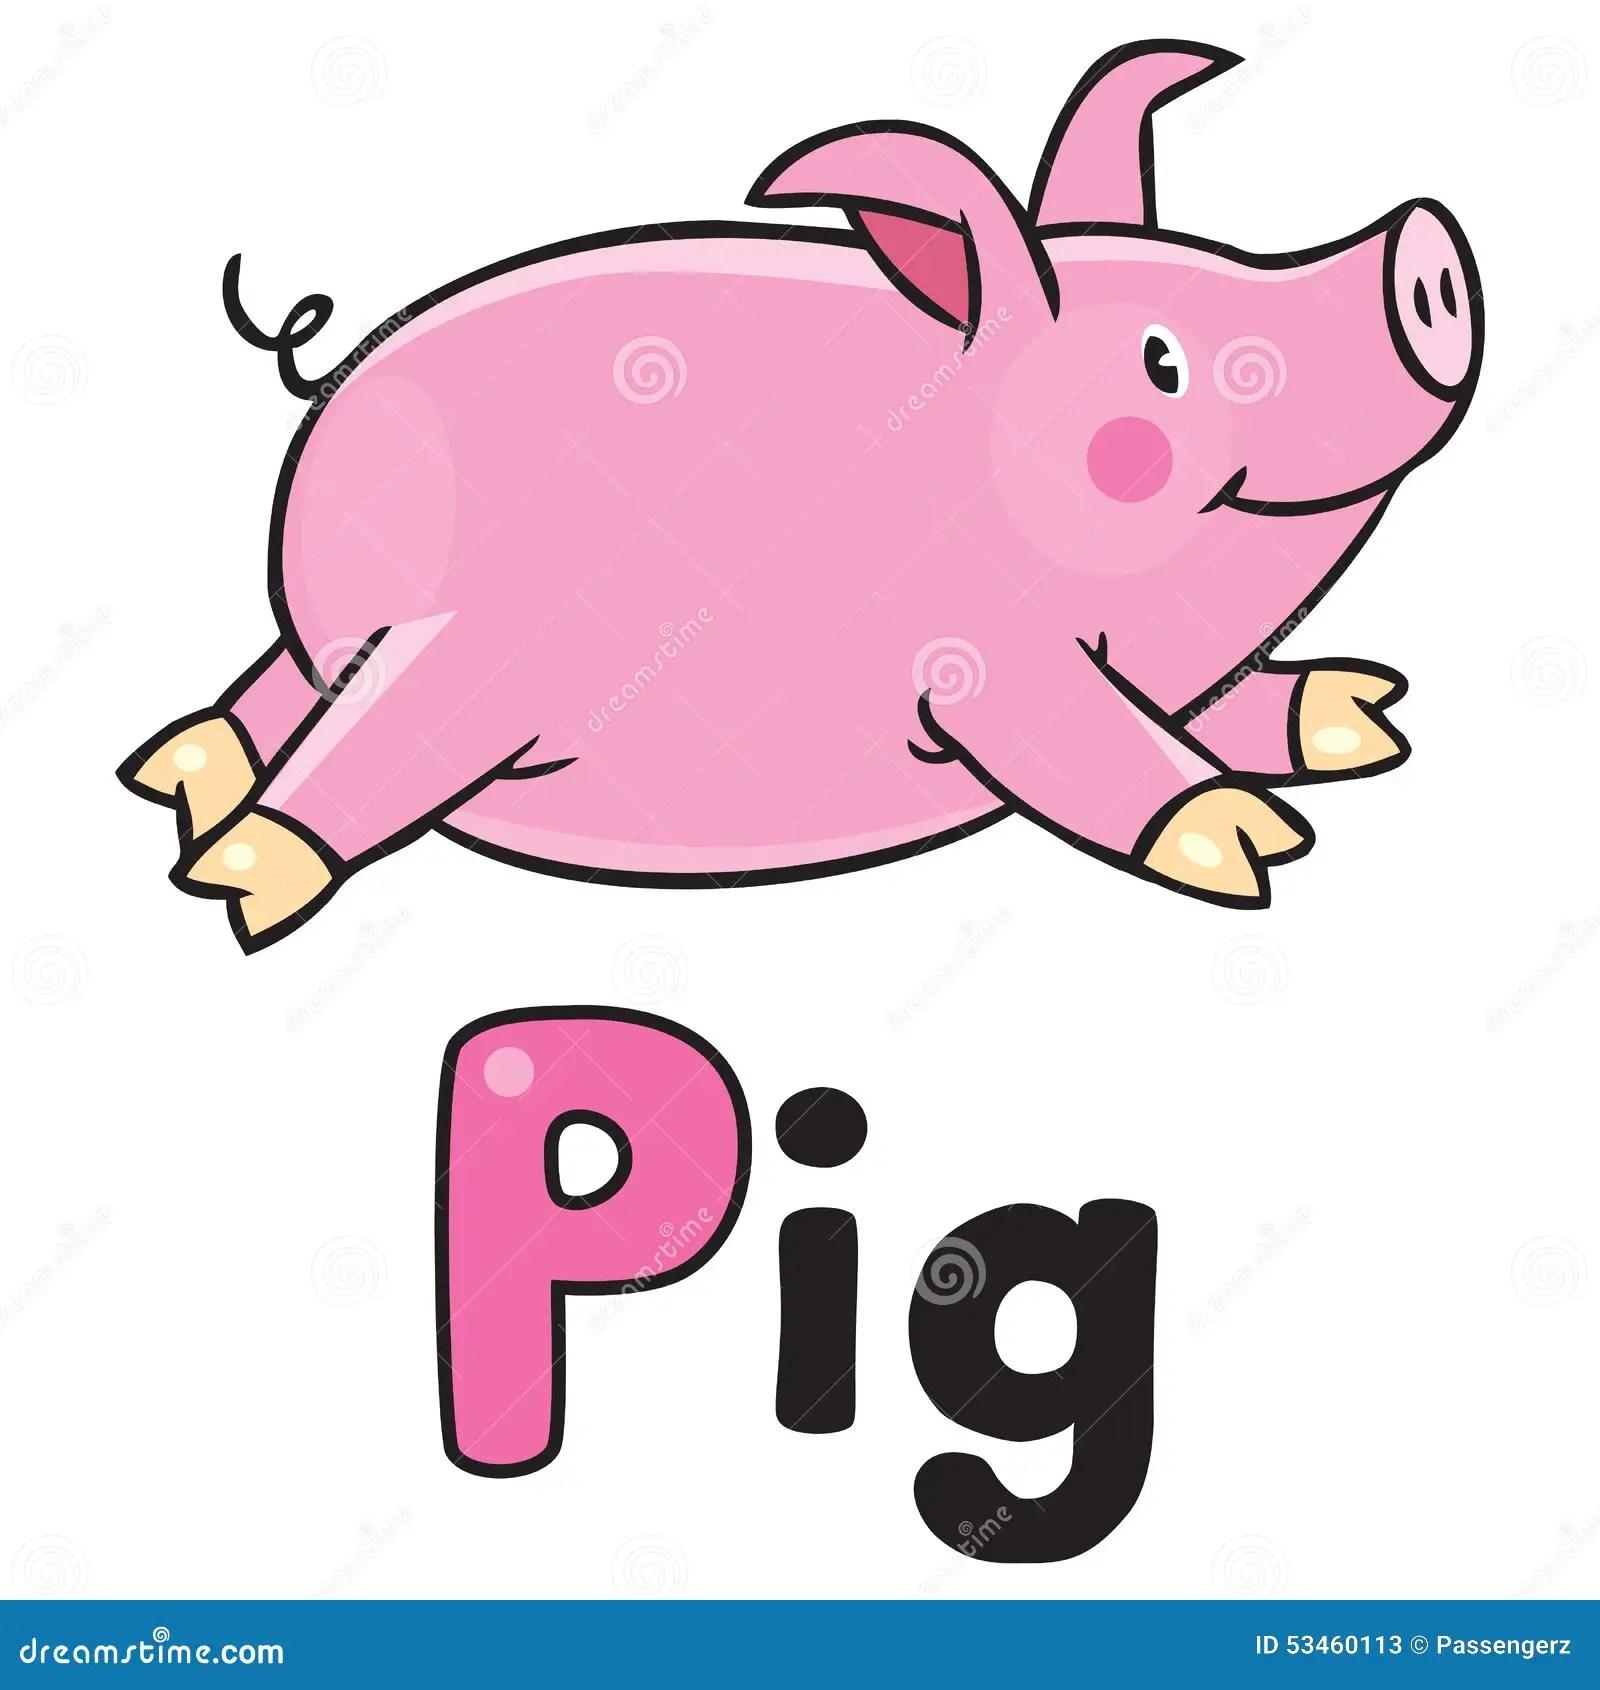 Children Vector Illustration Of Little Pig Stock Vector